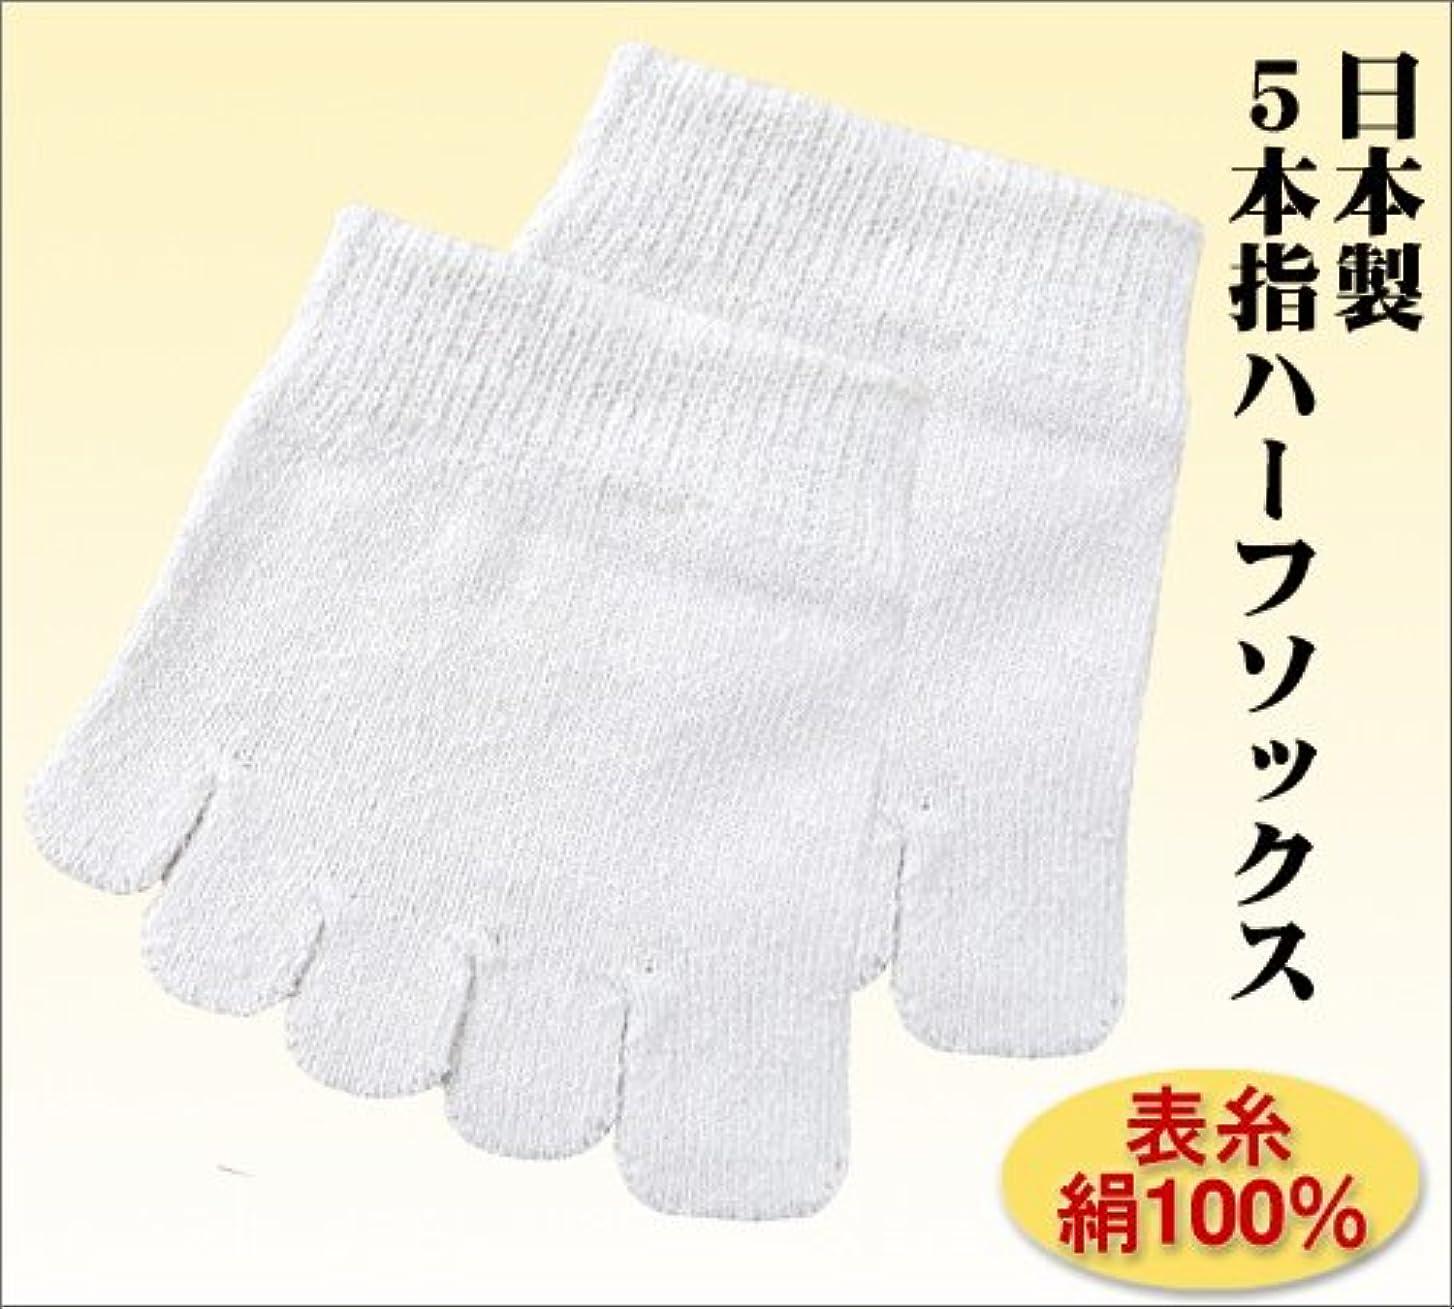 学生急性バレエ日本製 天然シルク5本指ハーフソックス 表糸絹100% 快適な指先ソックス 2足組 (婦人(オフ白2足組))